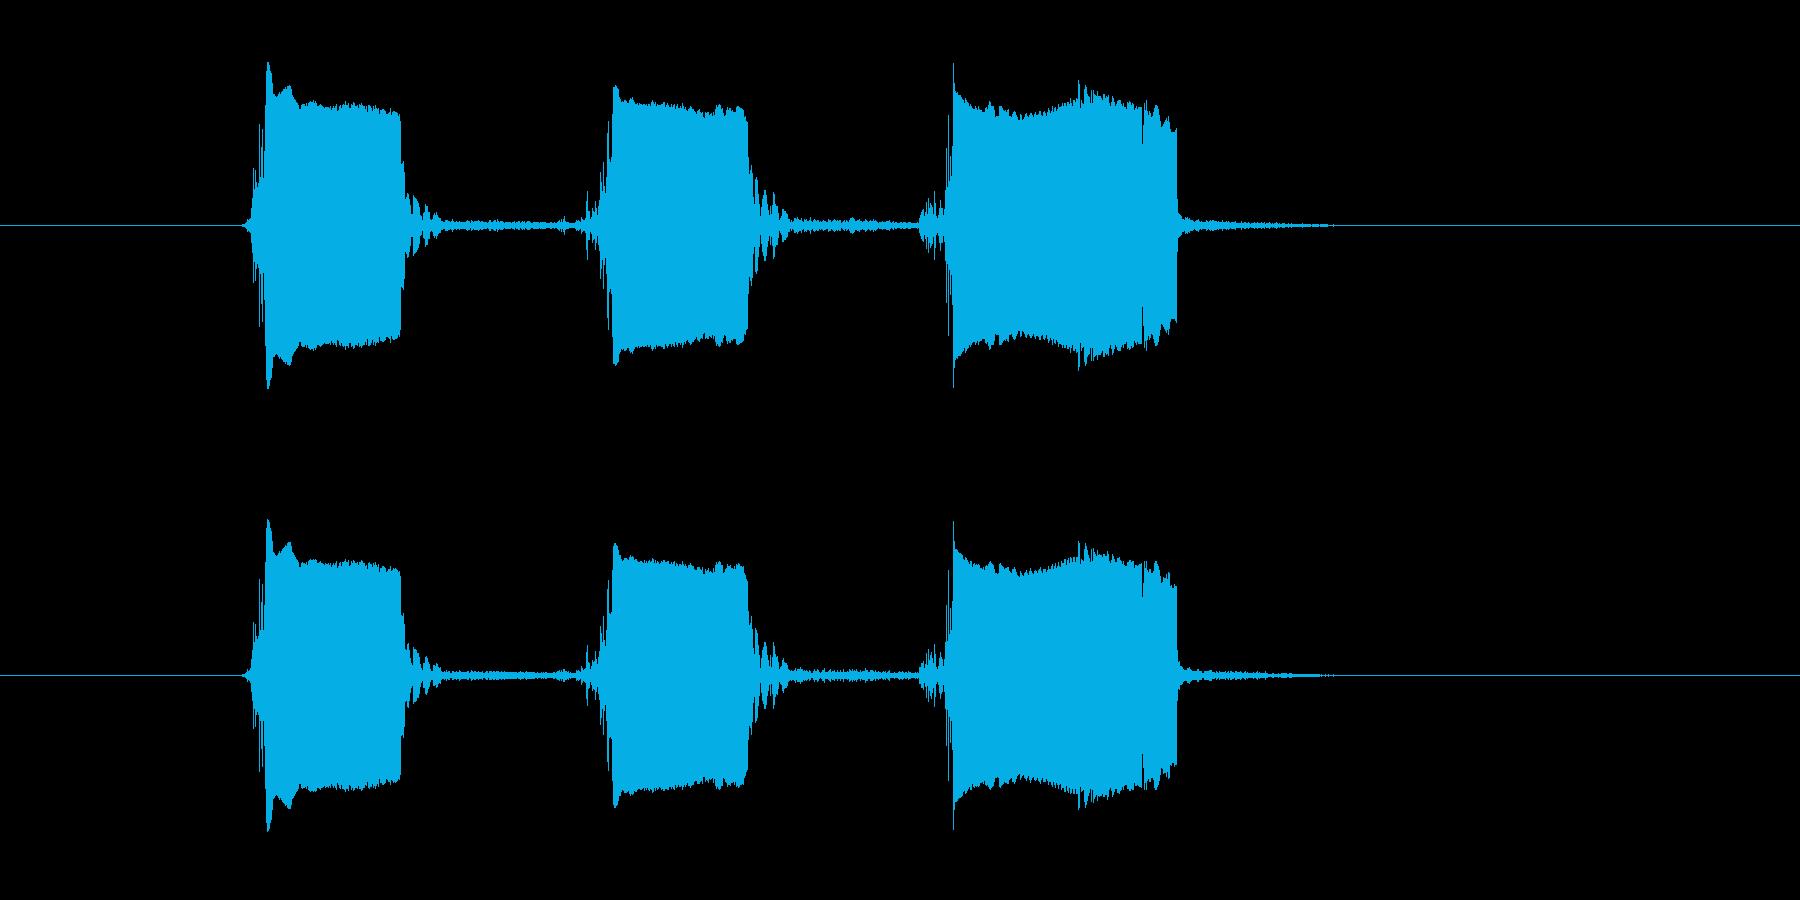 ピューピューピューイ!という移動音の再生済みの波形